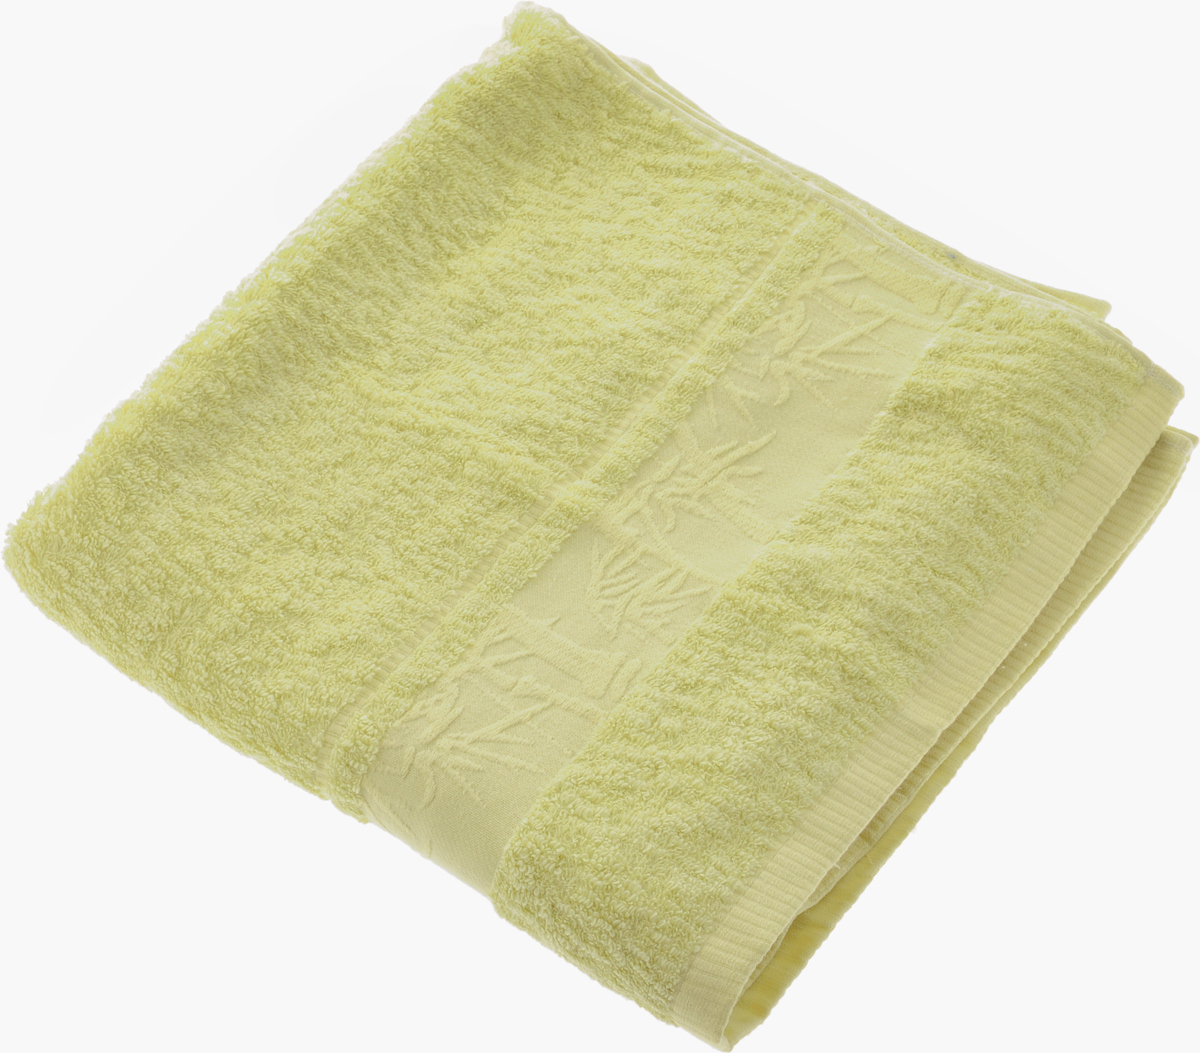 Полотенце Soavita Chloe, цвет: светло-зеленый, 30 х 70 смPARADIS I 75013-5C ANTIQUEПолотенце Soavita Chloe выполнено из 100% бамбукового волокна. Изделие отлично впитывает влагу, быстро сохнет, сохраняет яркость цвета и не теряет форму даже после многократных стирок. Полотенце очень практично и неприхотливо в уходе. Оно создаст прекрасное настроение и украсит интерьер в ванной комнате.